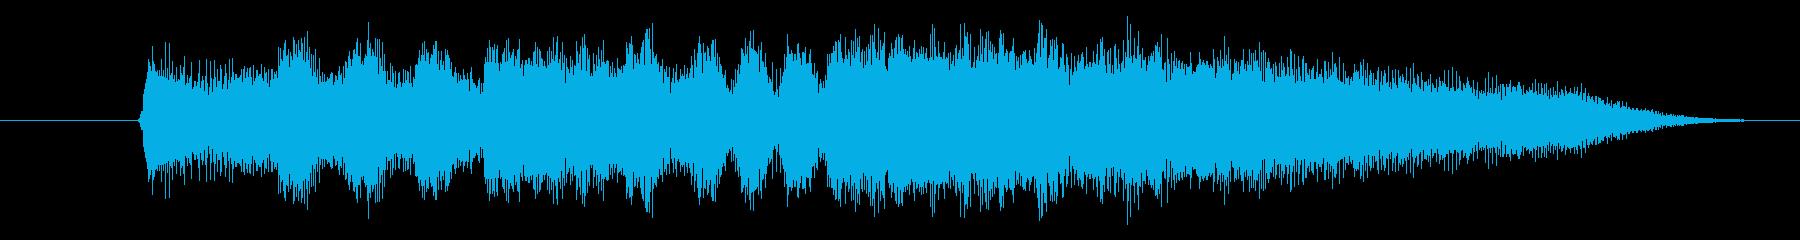 ファンファーレです。の再生済みの波形